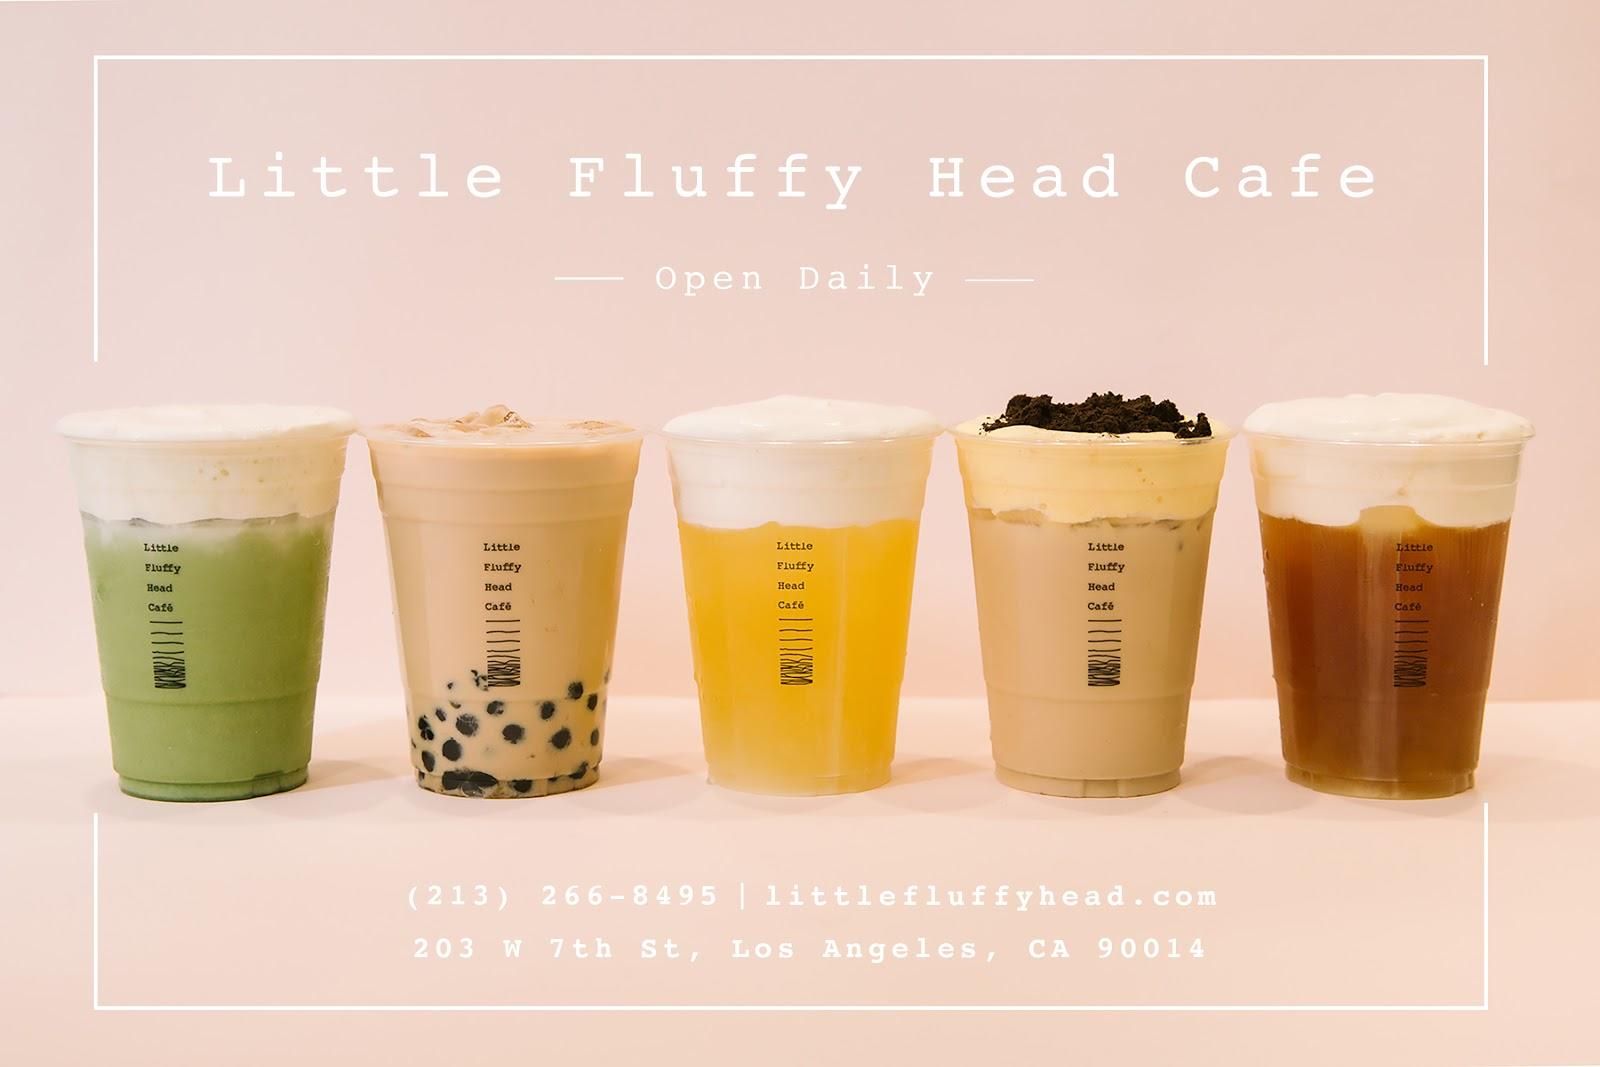 Little Fluffy Head